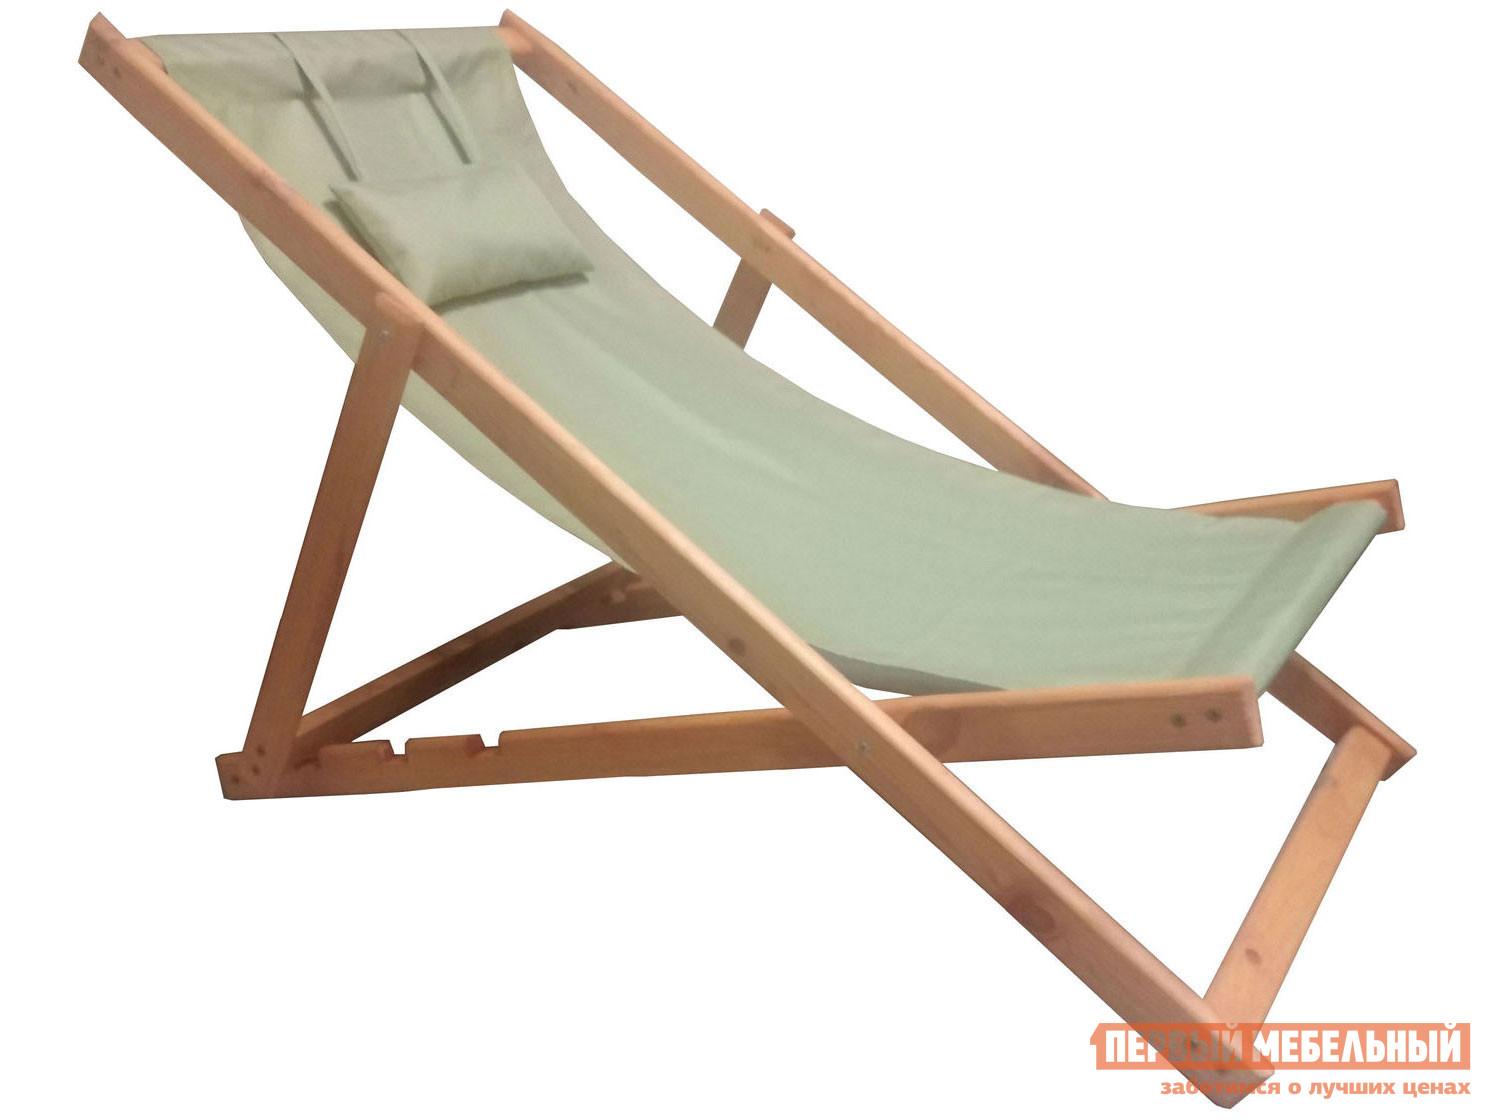 Кресло-шезлонг Бел Мебельторг Кресло-шезлонг Альбатрос ткань А66 кресло для пикника бел мебельторг 81а с565 кресло складное фольварк мягкое